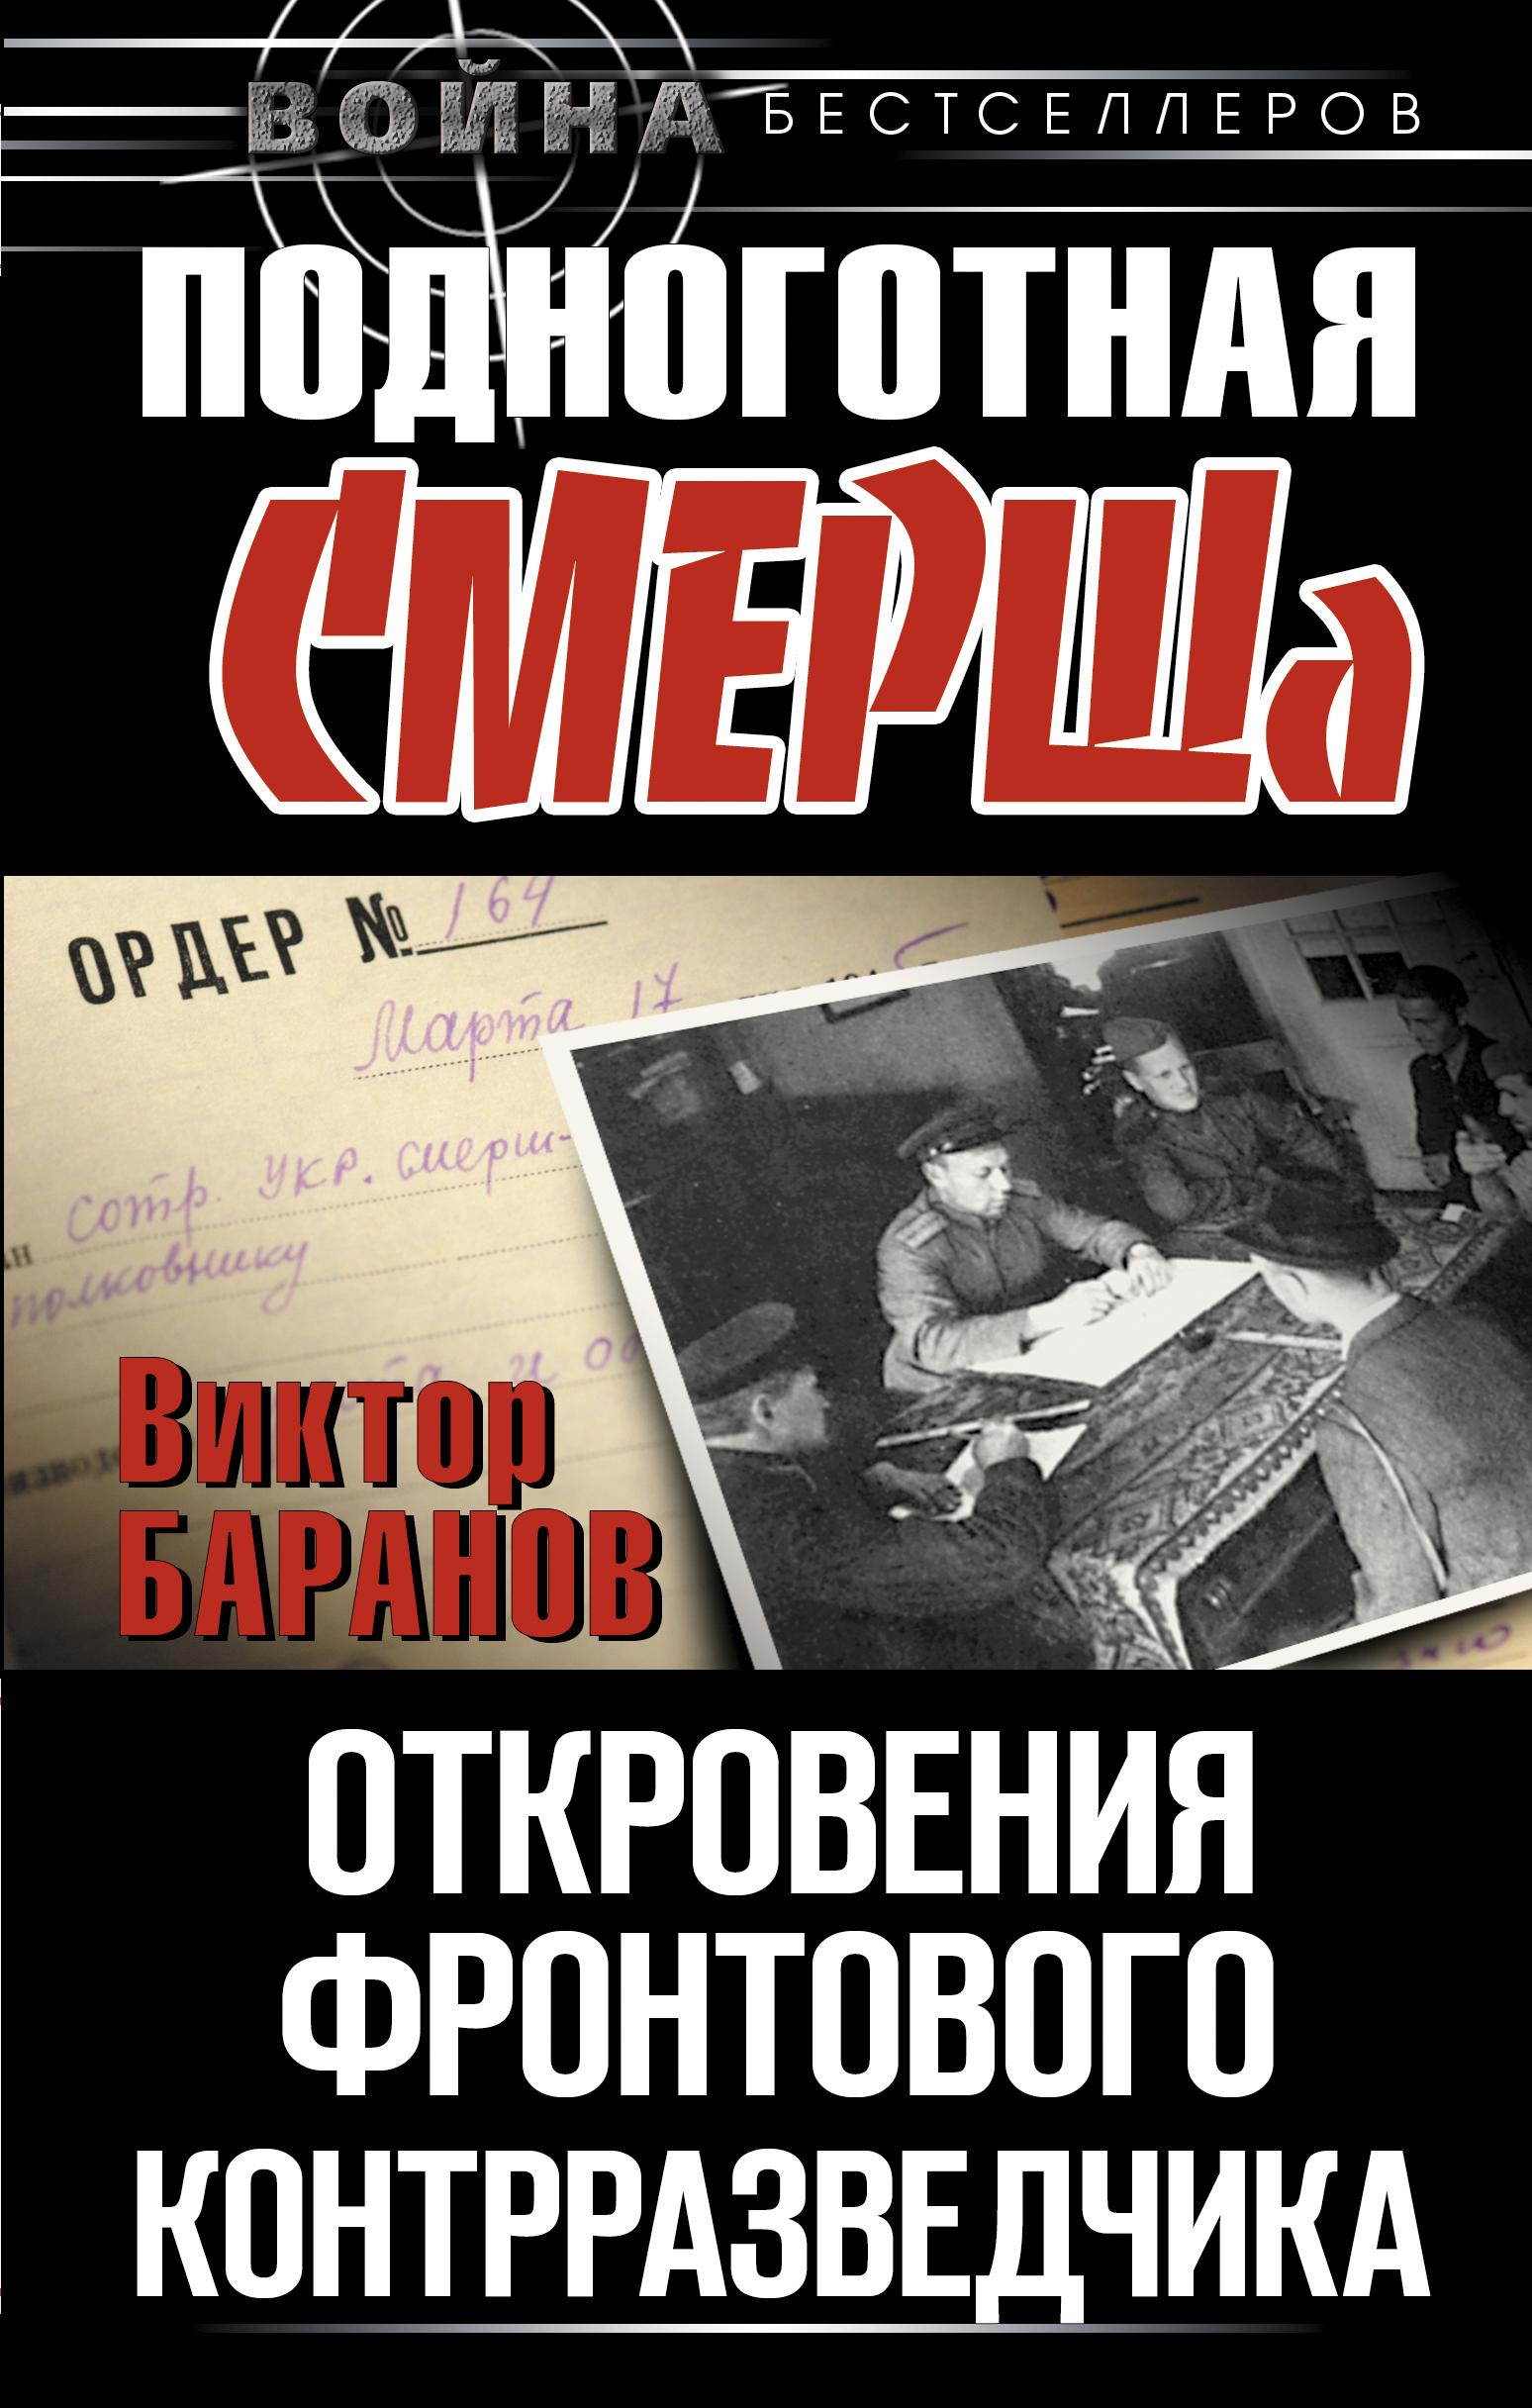 Виктор Баранов. Подноготная СМЕРШа. Откровения фронтового контрразведчика